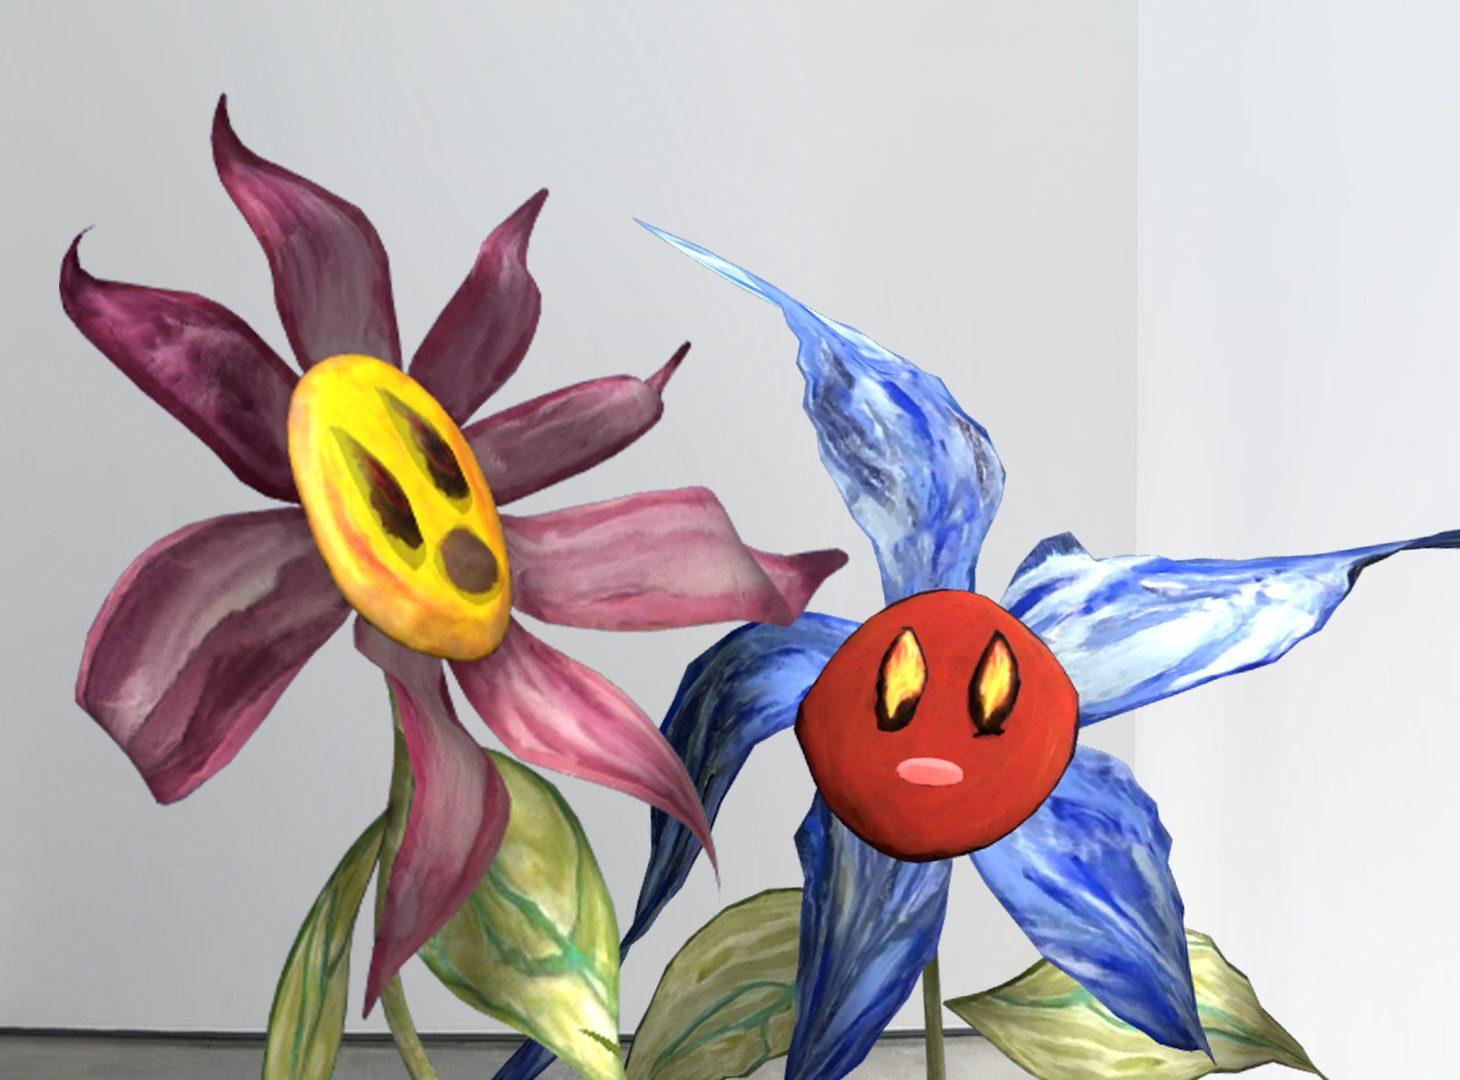 Precious Okoyomon image